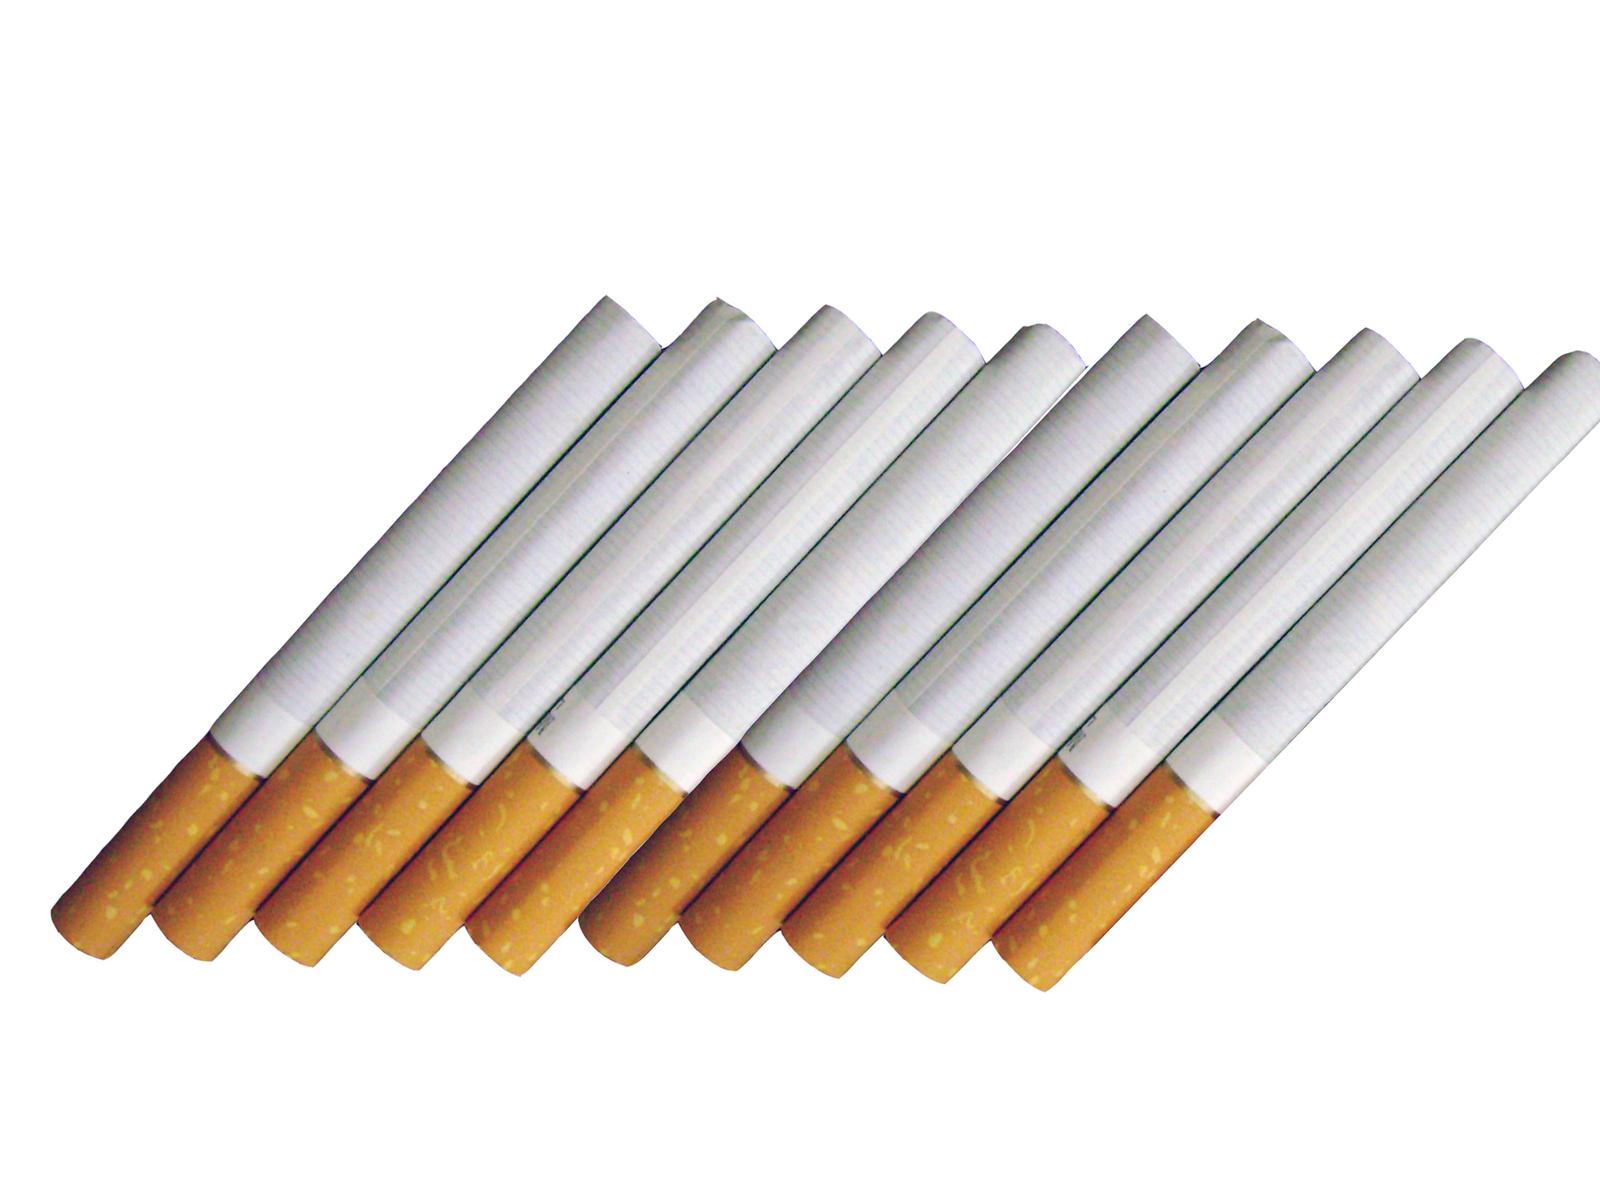 KWF doet aangifte tegen de tabaksindustrie